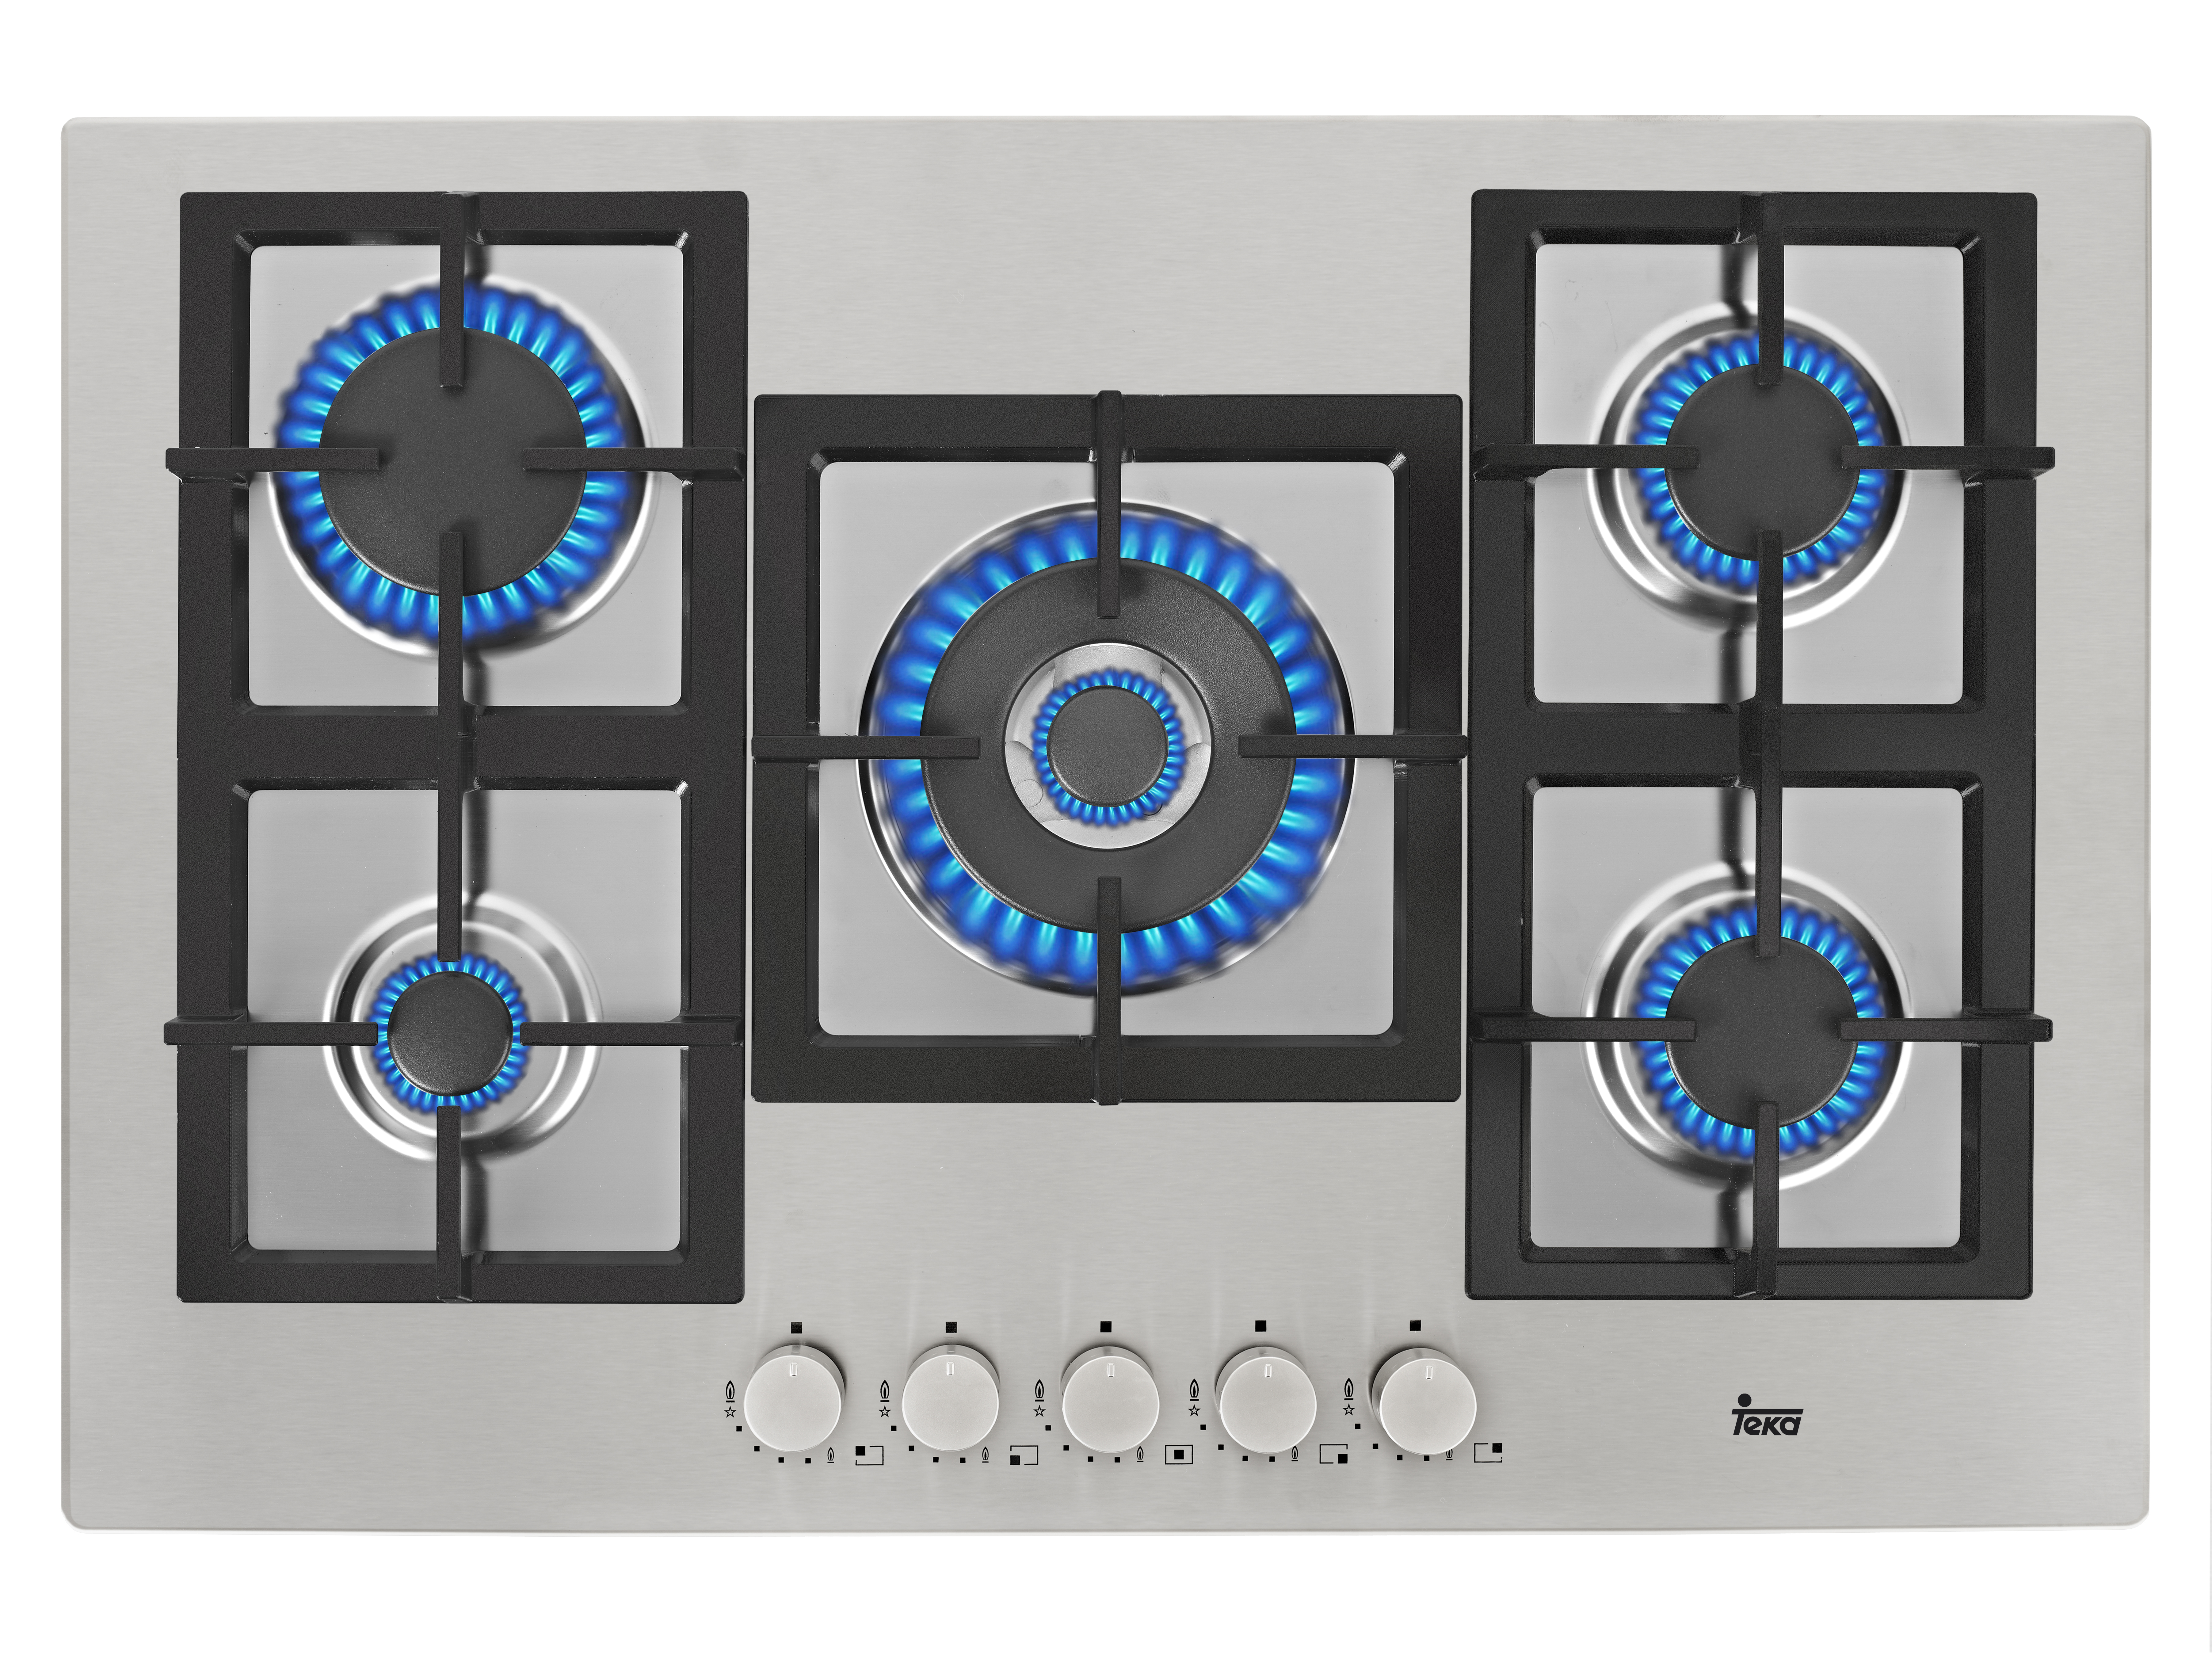 Plita gaz incorporabila Teka EFX 70 5G AI AL DR CI 5 arzatoare gratare fonta inox poza